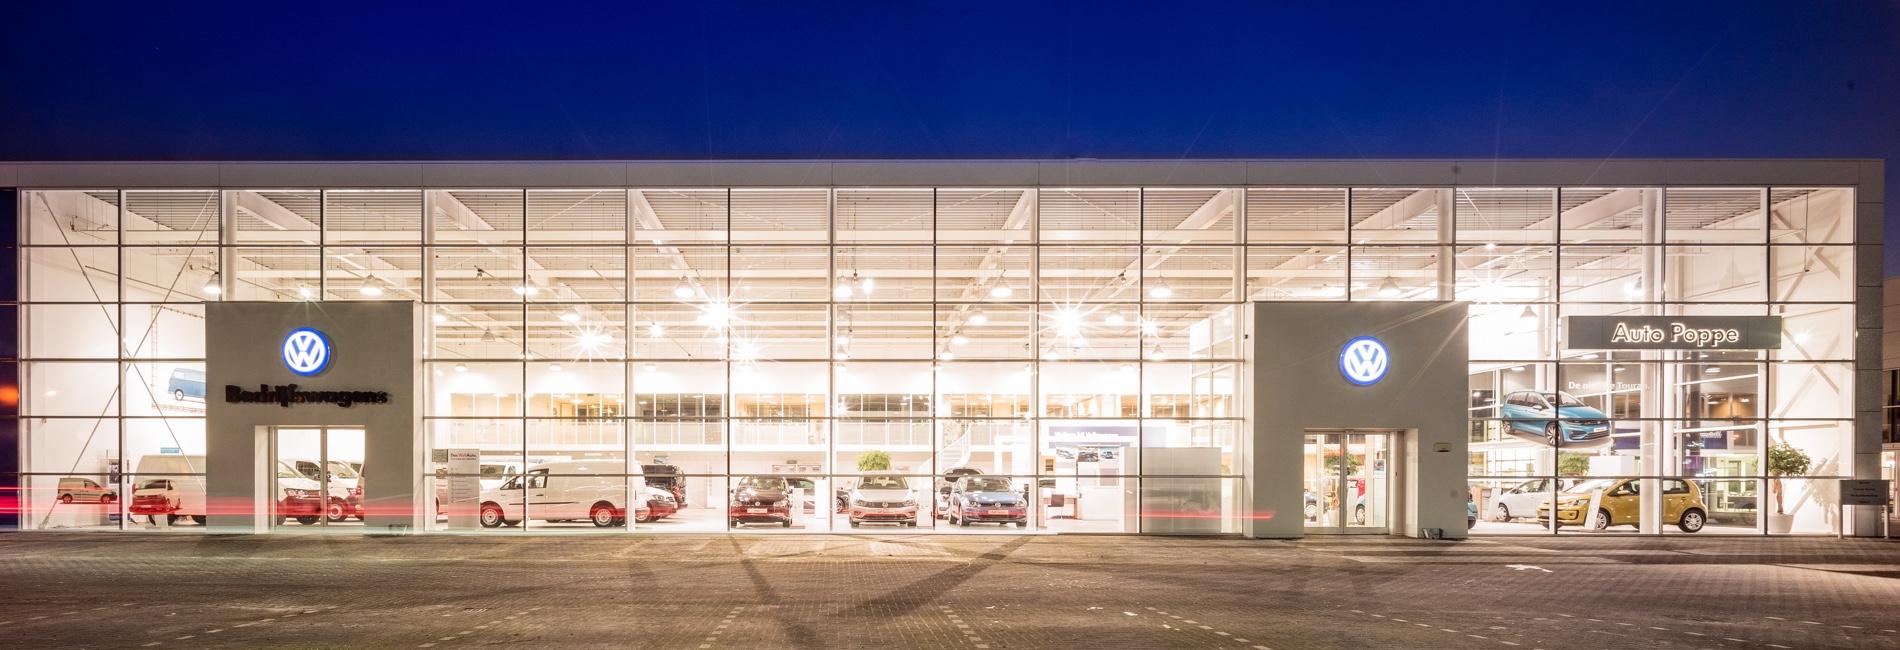 Alle Volkswagen Dealers In Nederland